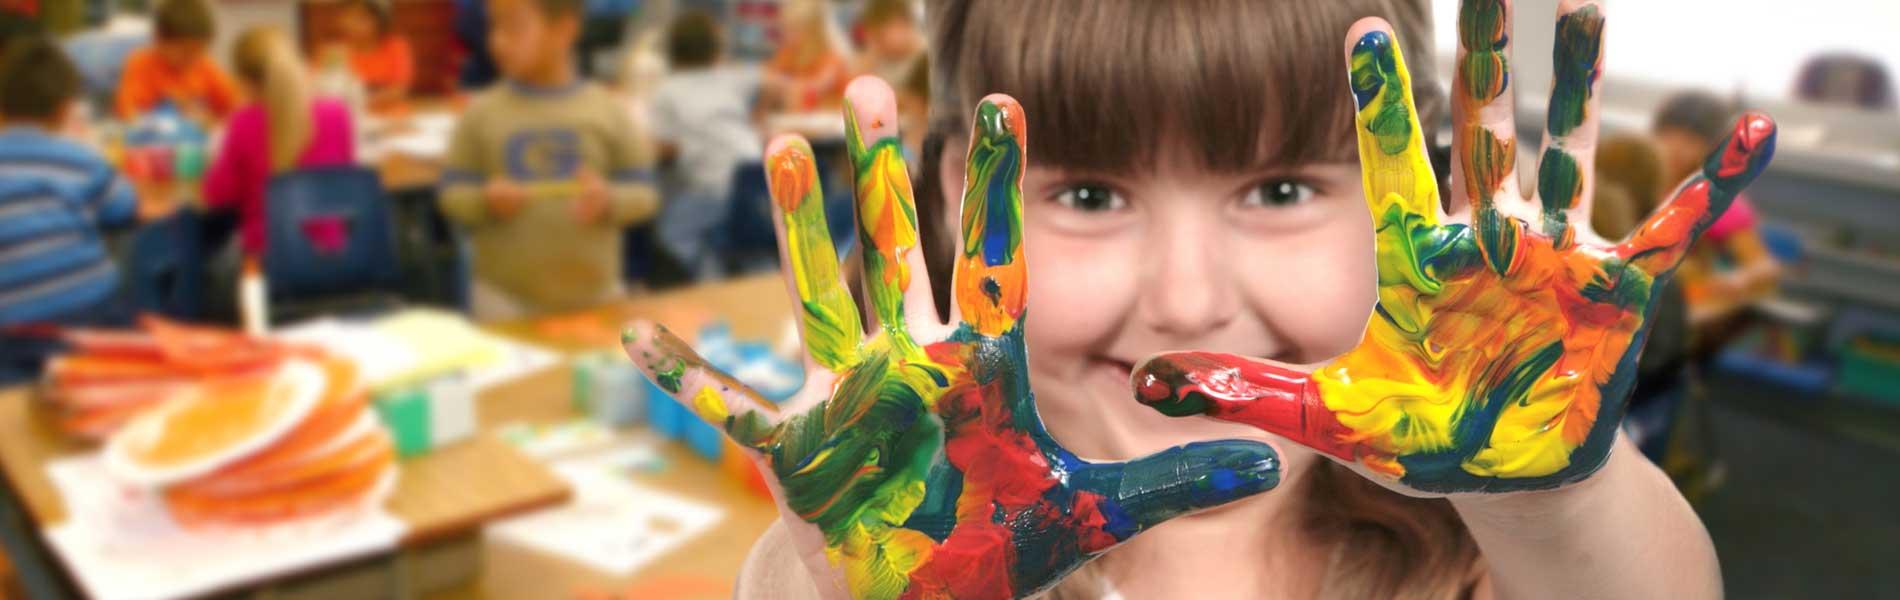 Protégez le droit à l'image des enfants